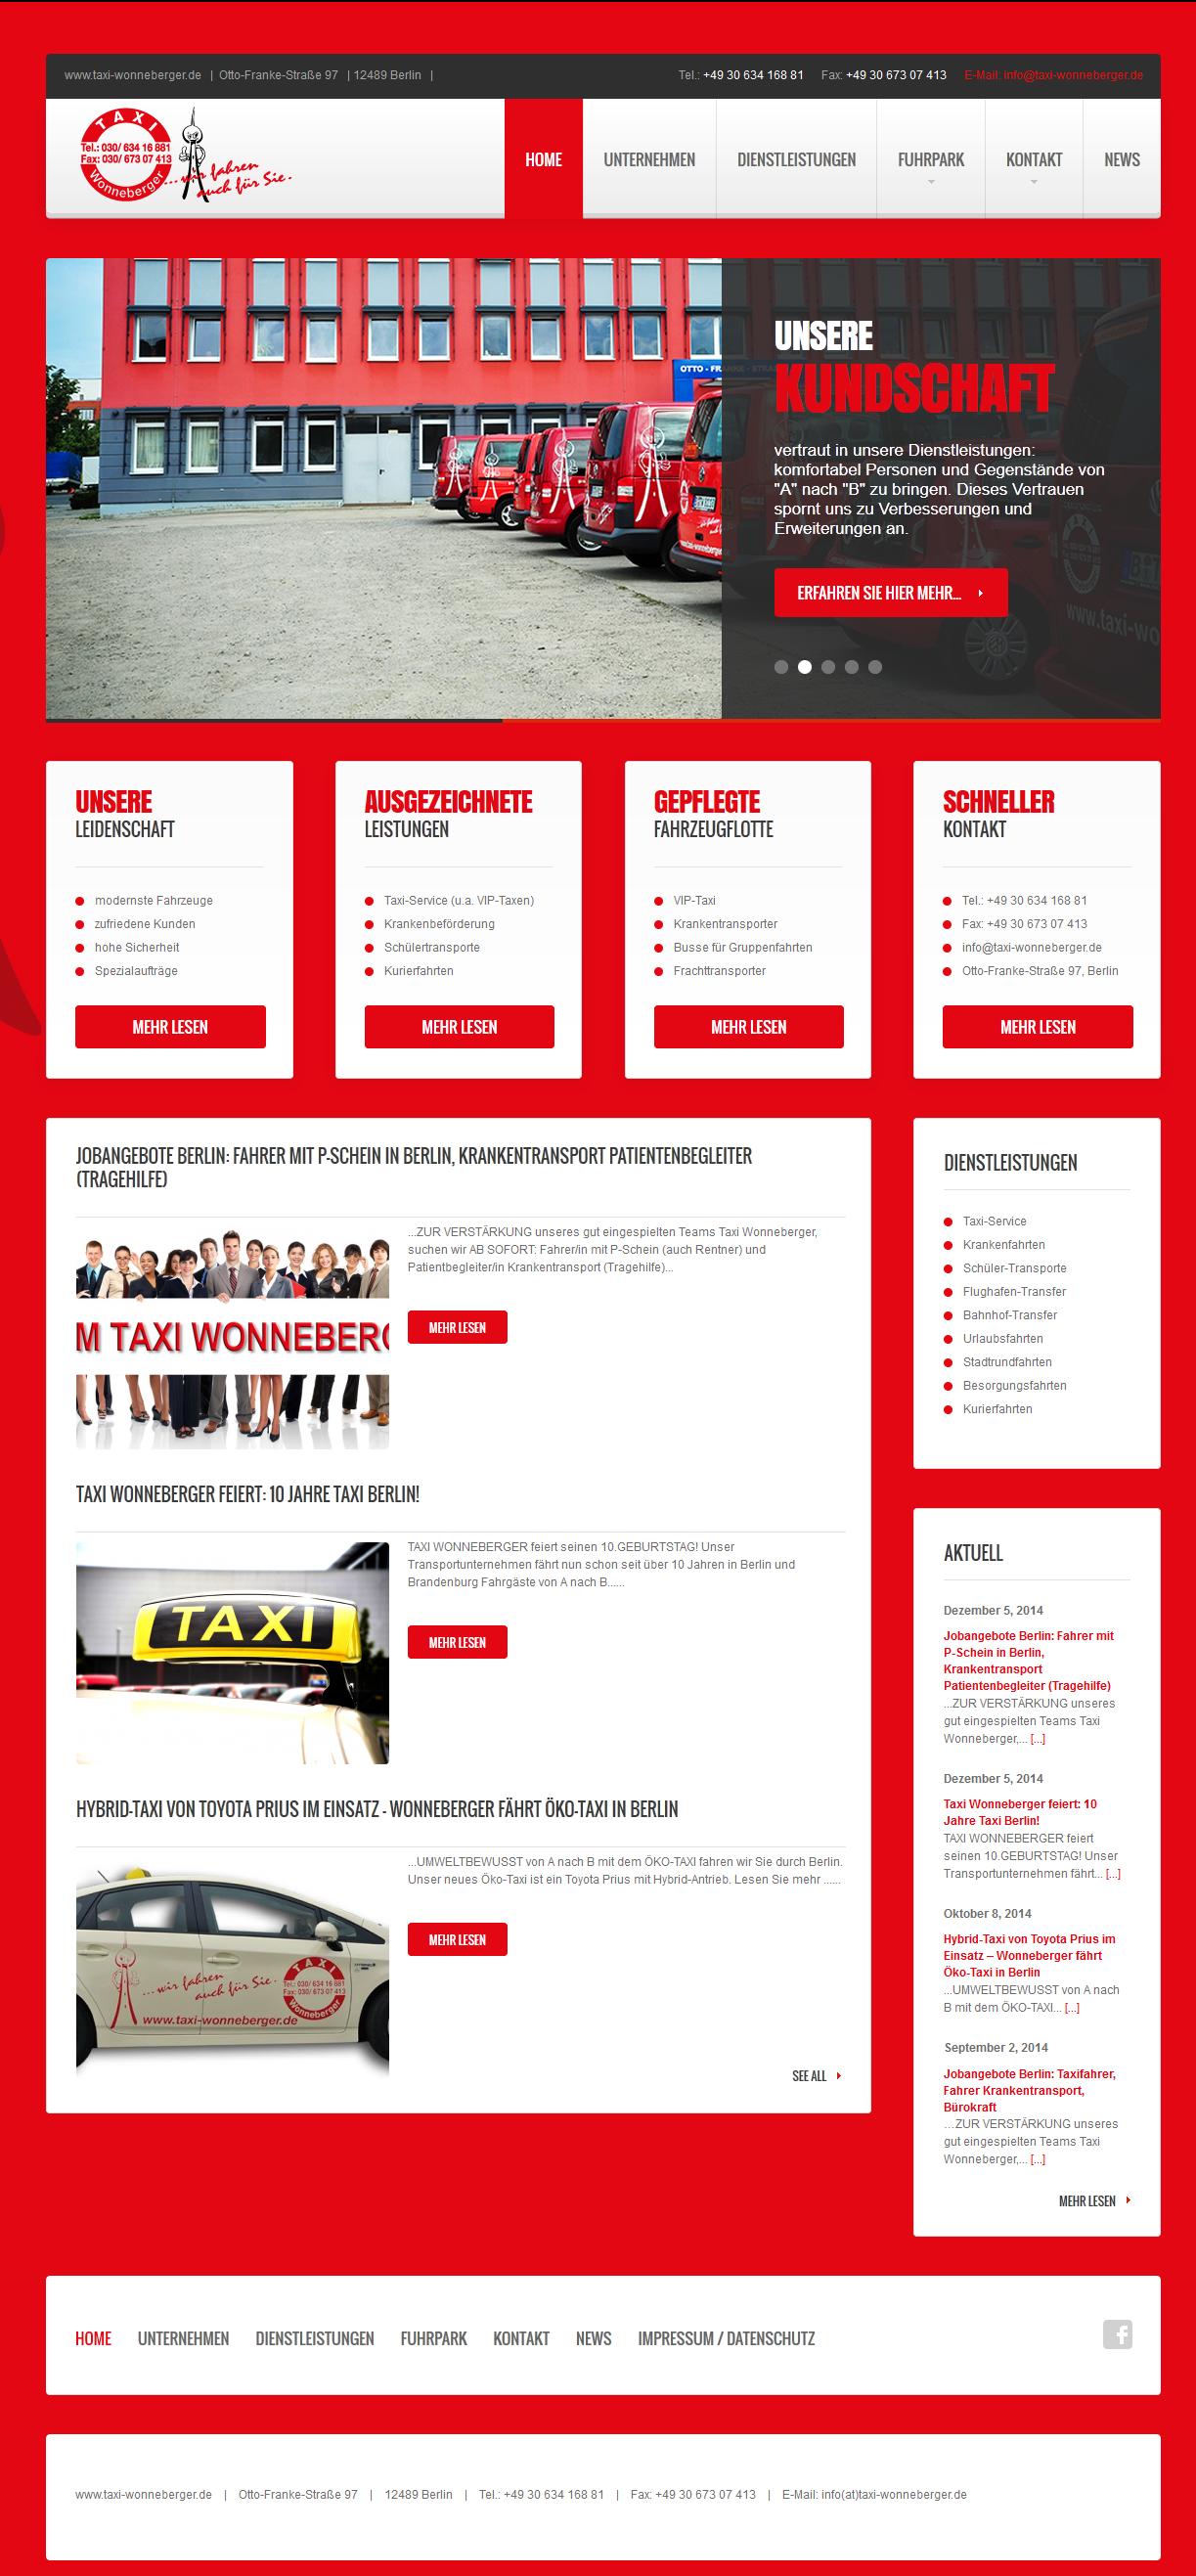 webseiten-taxiunternehmen-webdesign-taxi-wonneberger